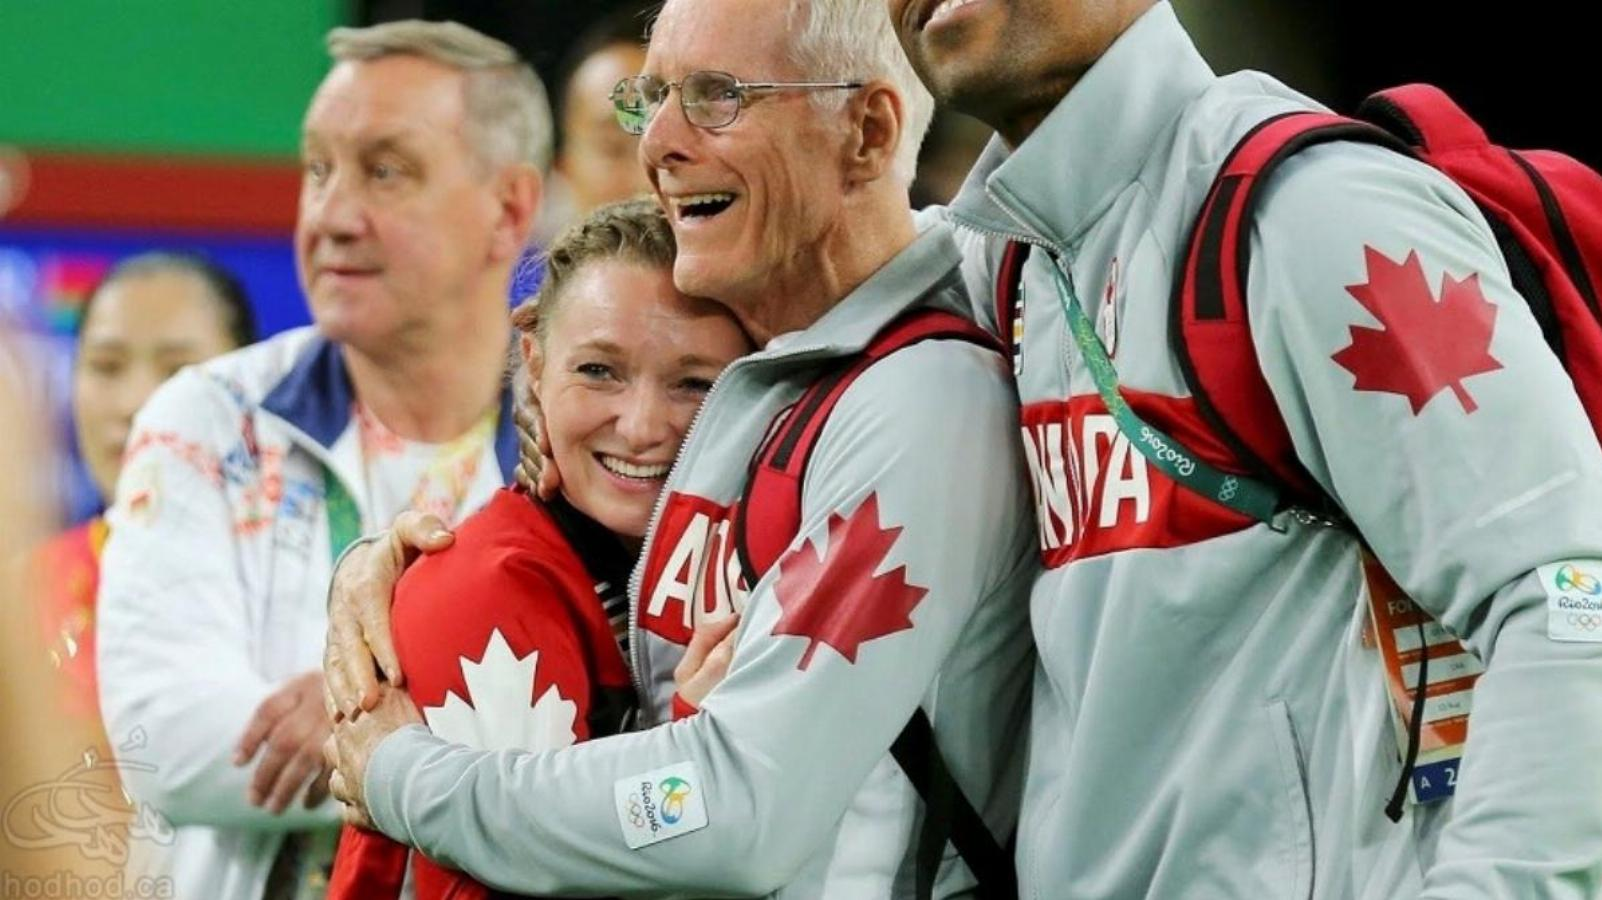 کانادا به زنان خود افتخار میکند: بانوان ورزشکار کانادایی بار دیگر در المپیک ریو شگفتی آفریدند